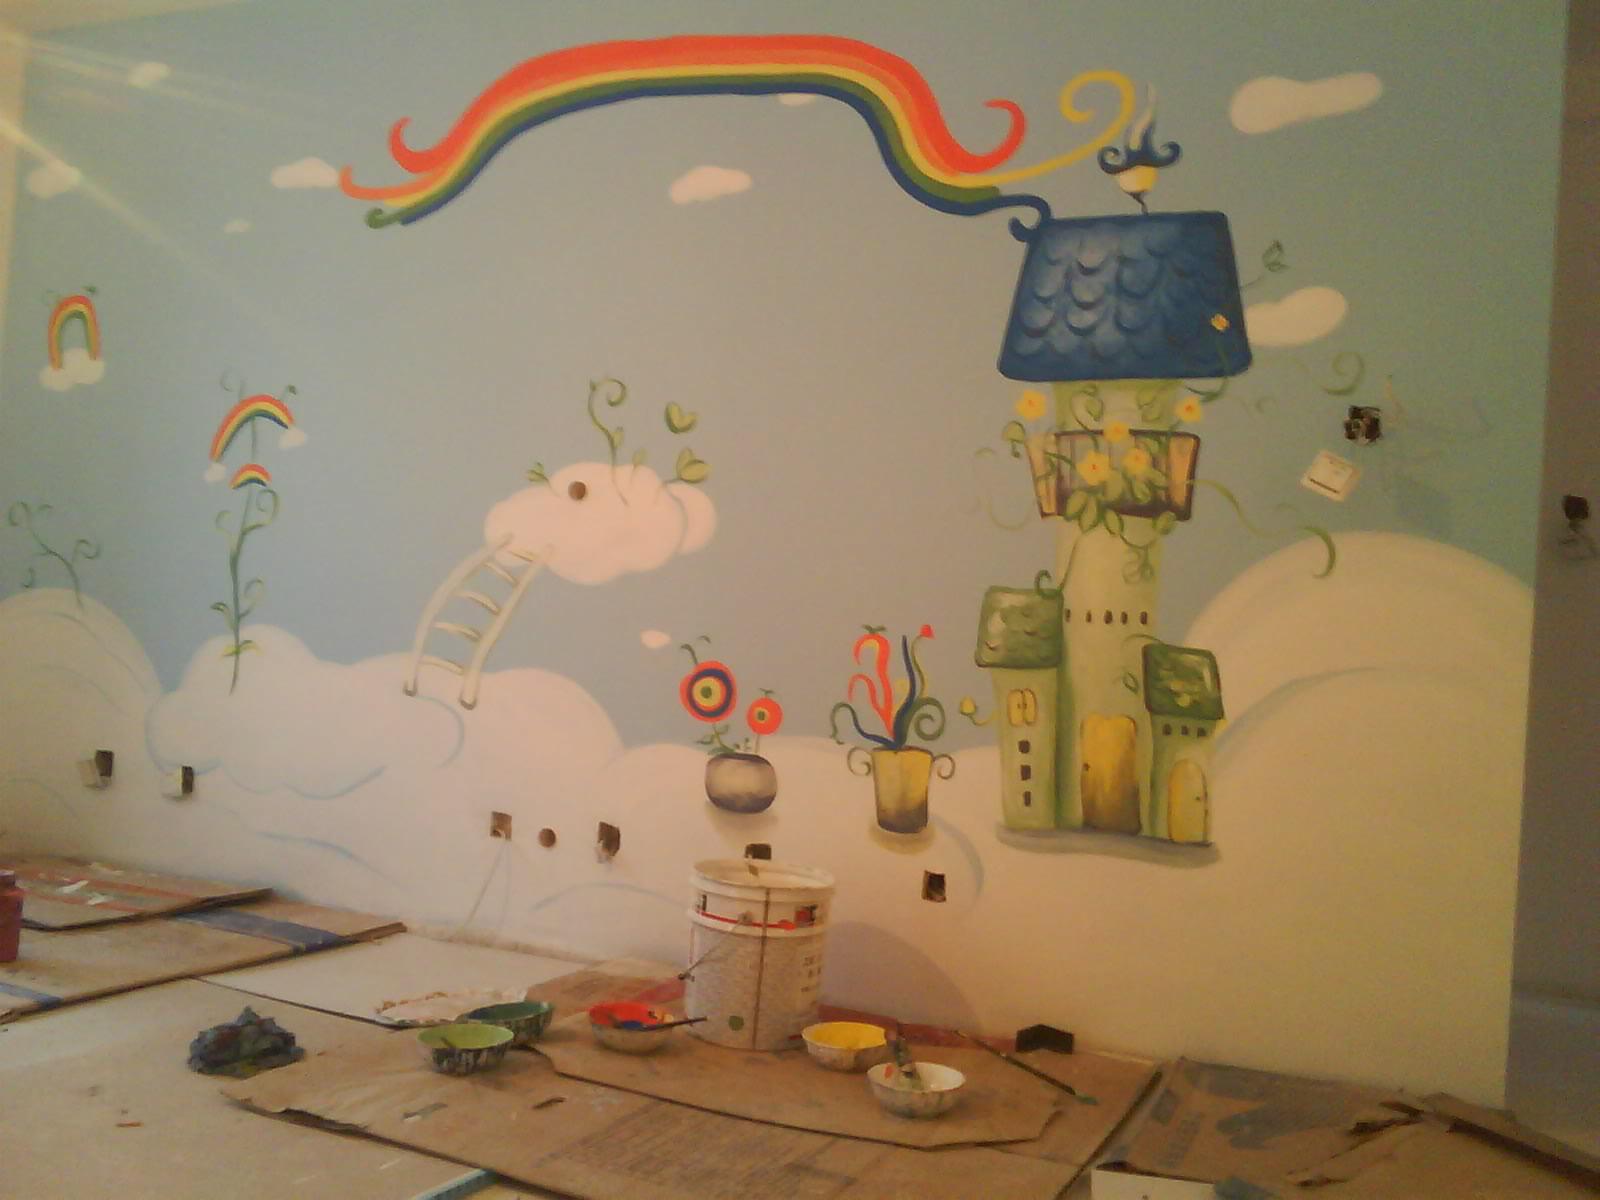 墙绘在绘制的时候需要符合室内设计和安排